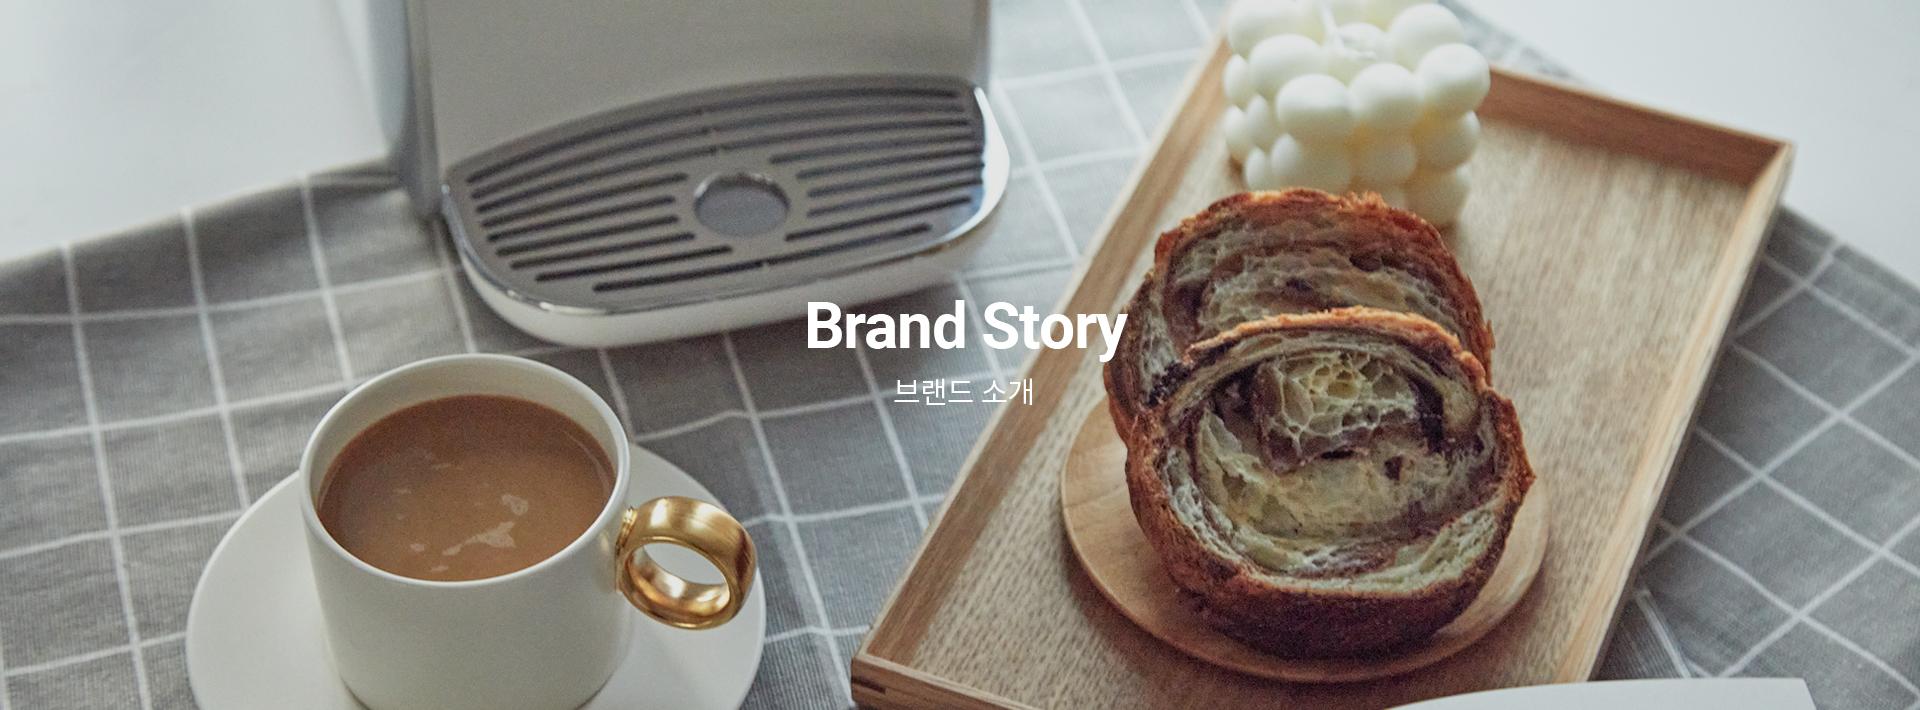 브랜드 소개 이미지